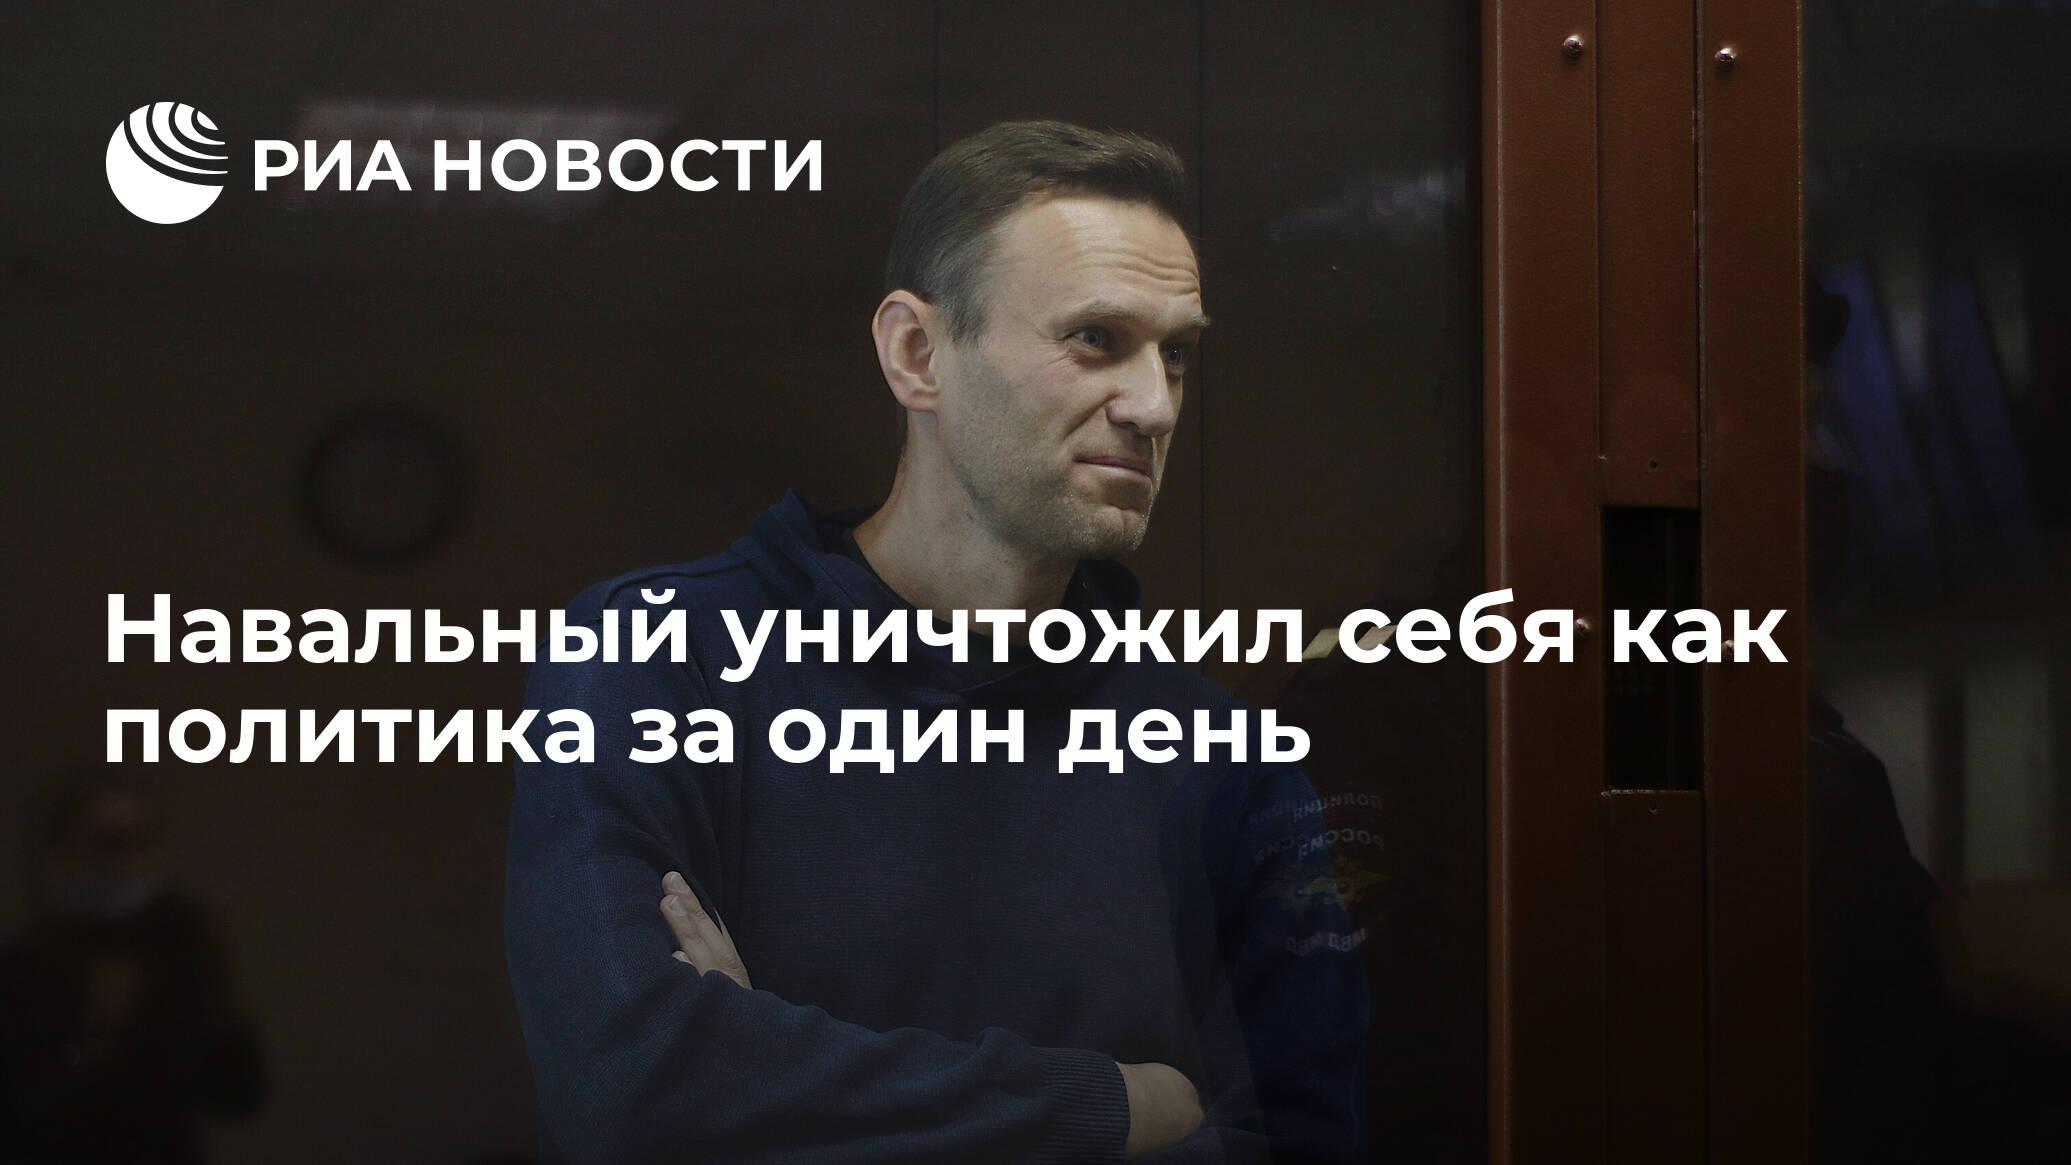 Навальный уничтожил себя как политика за один день - РИА НОВОСТИ